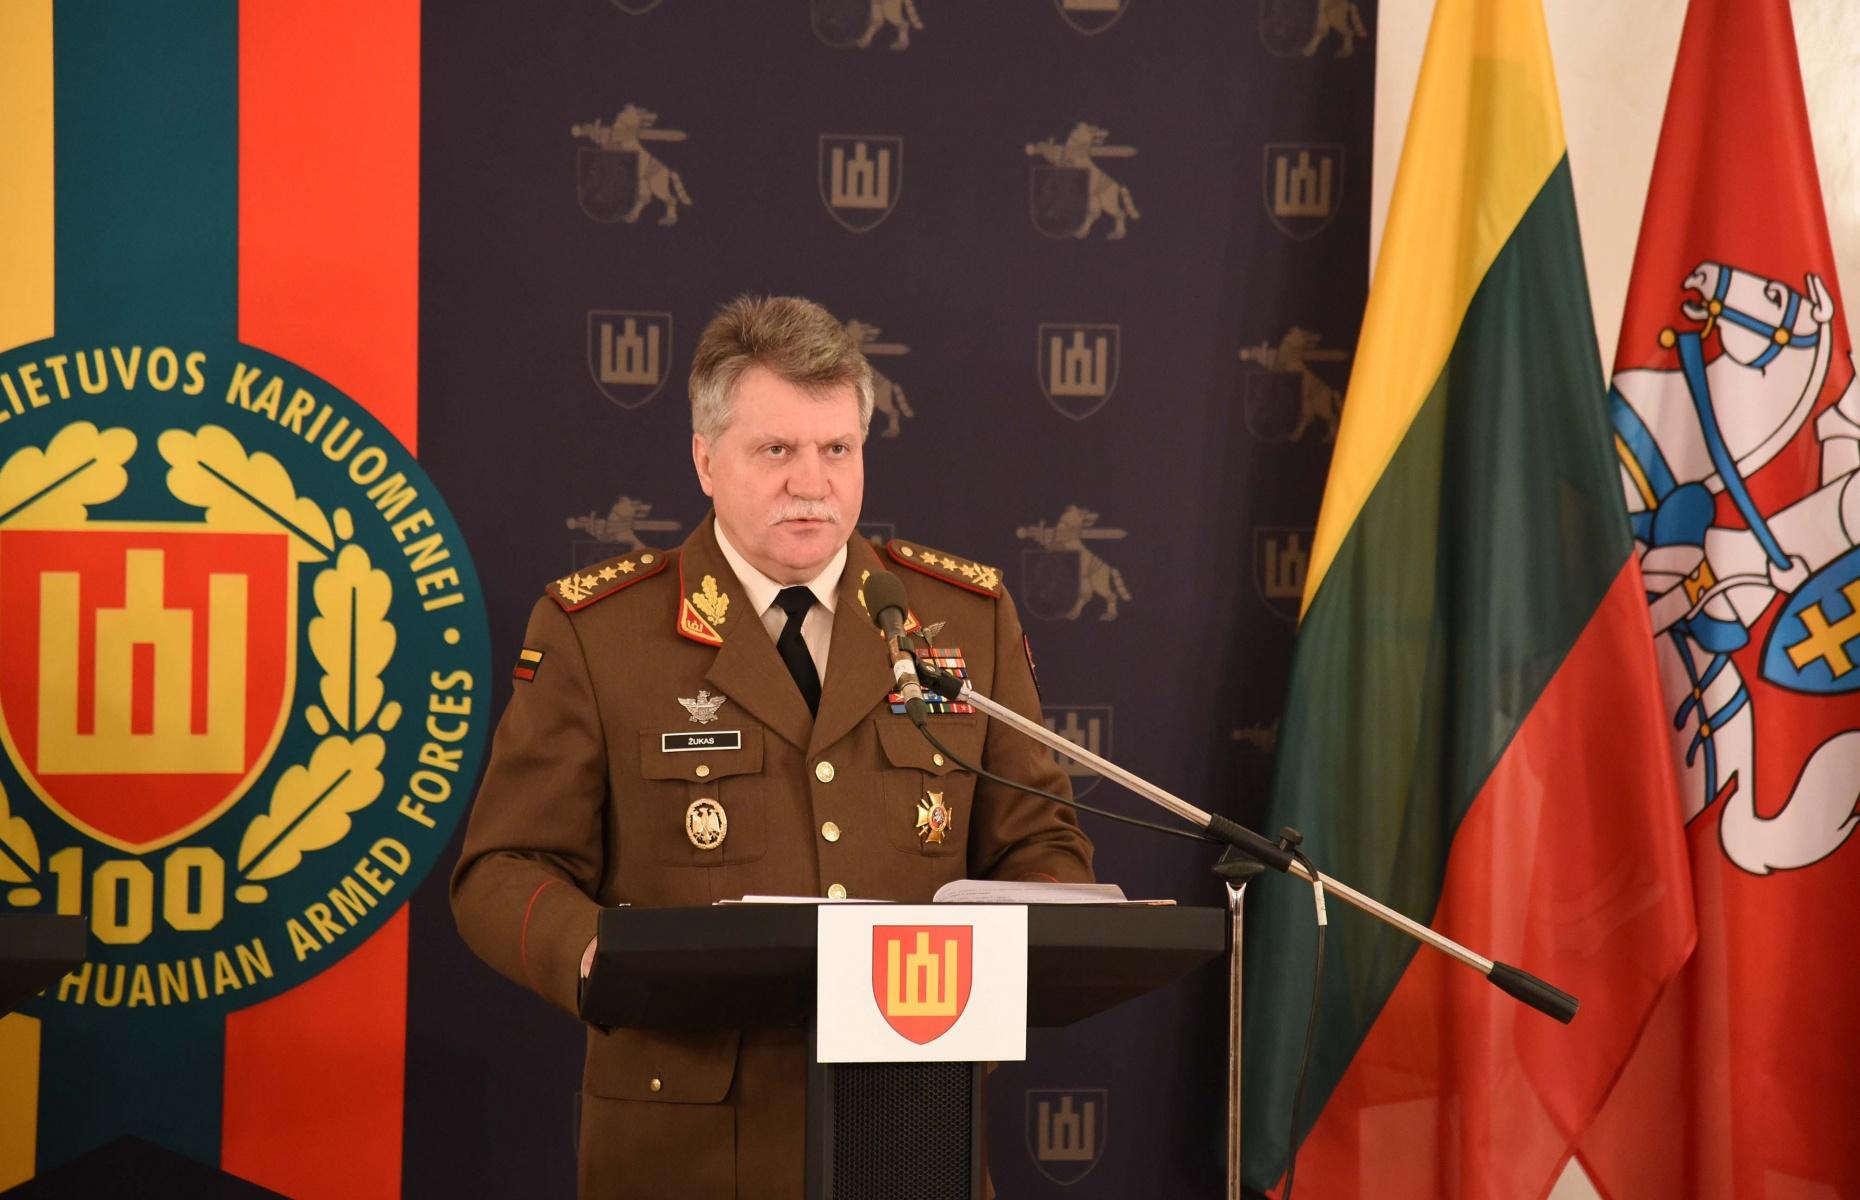 Lietuvos kariuomenės vadas generolas leitenantas Jonas Vytautas Žukas | KAM nuotr.